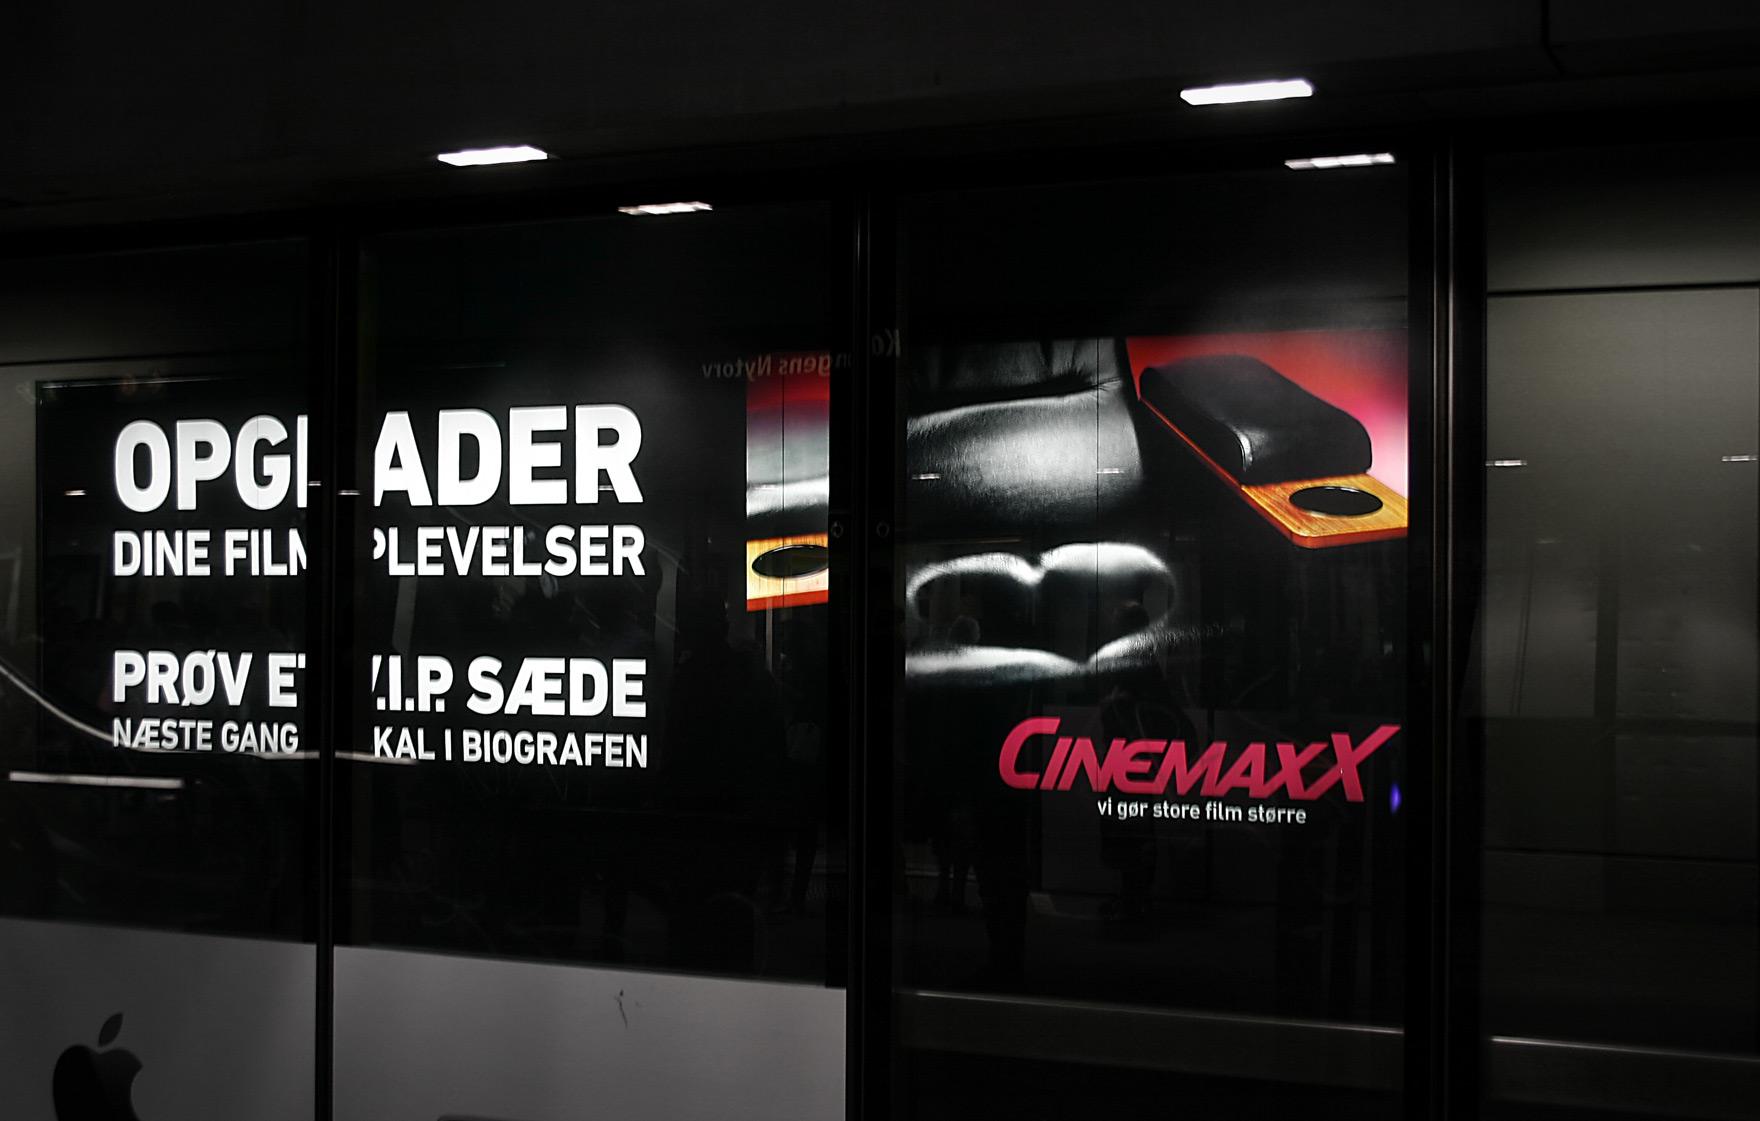 Print_CinemaxX_VIP_Metro